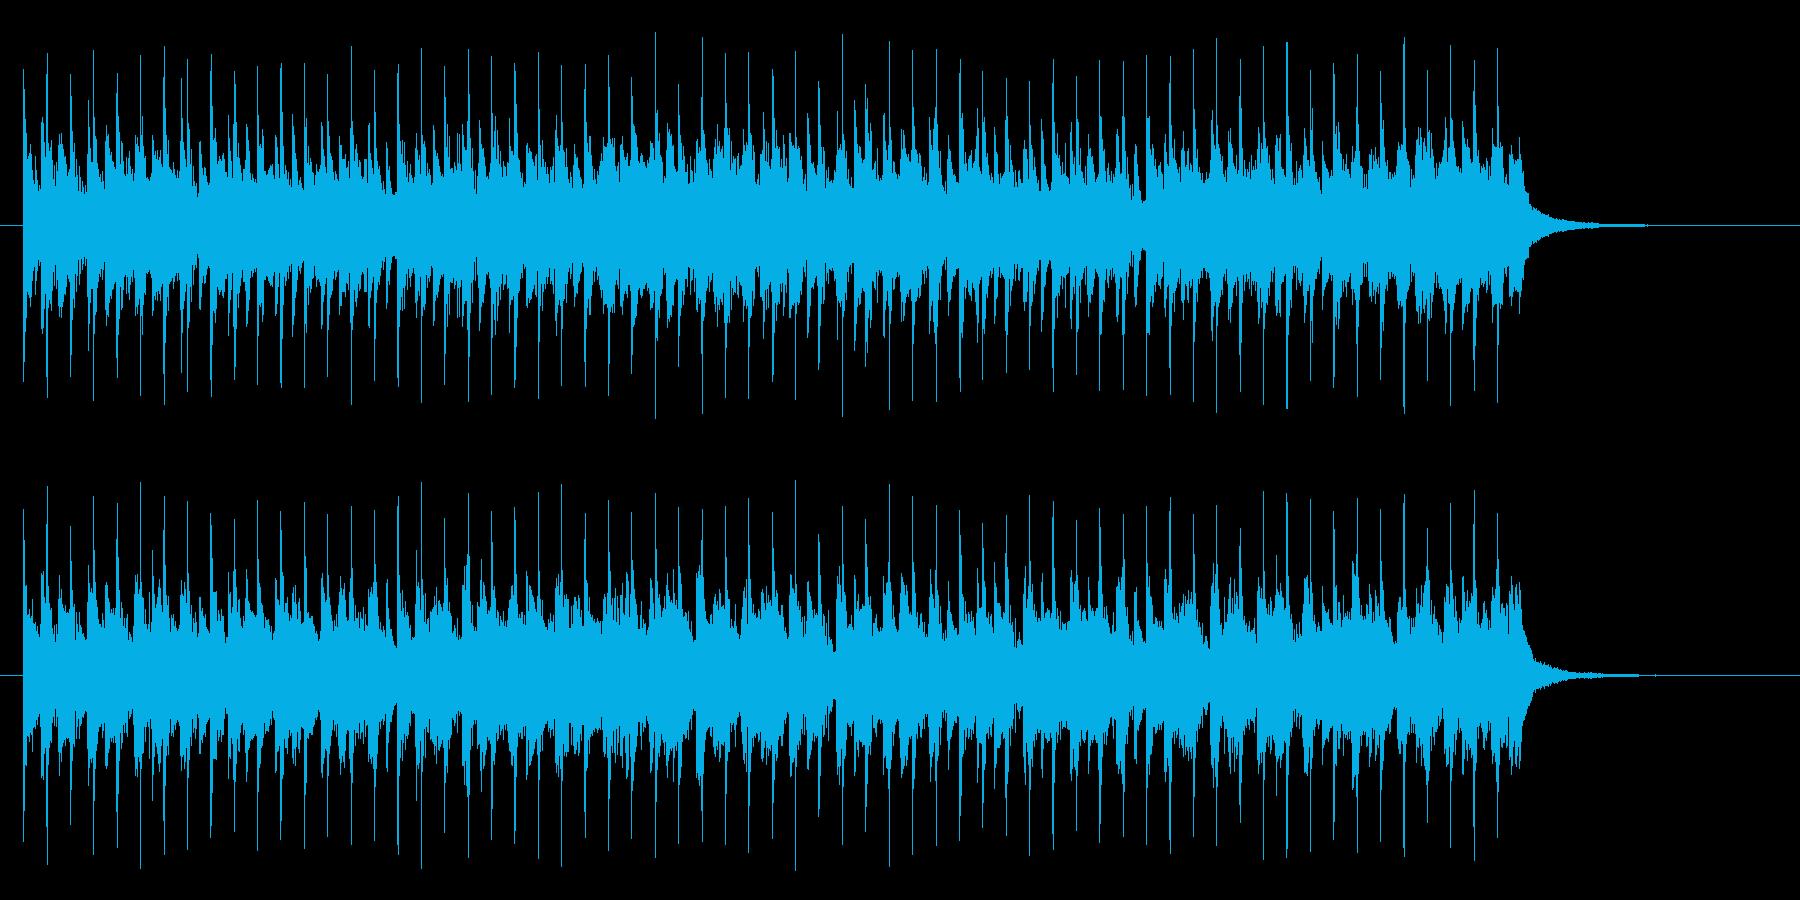 わくわくする壮大な雰囲気の曲の再生済みの波形